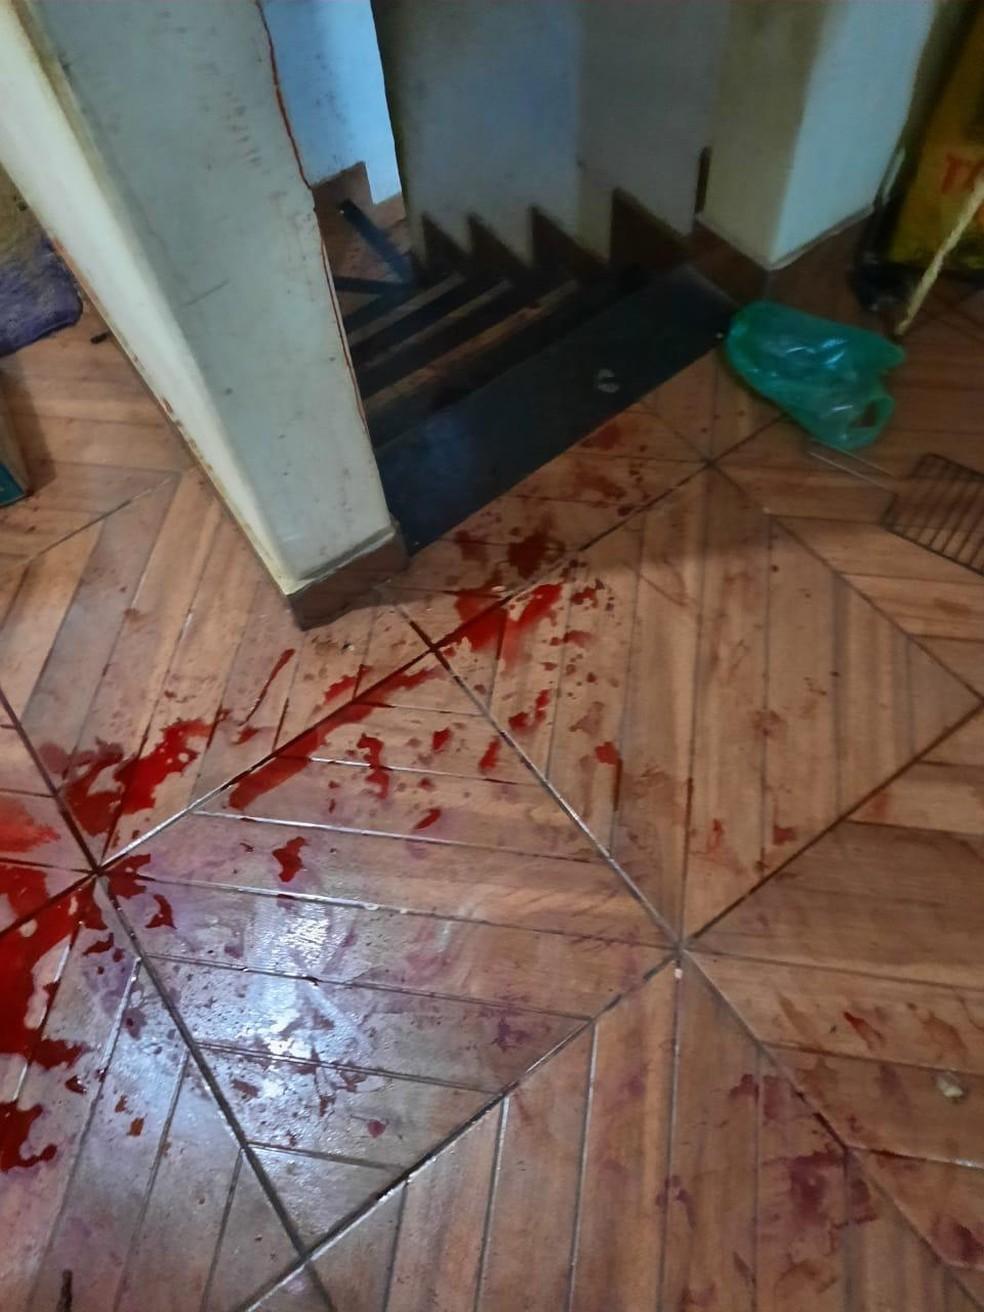 Mulher perdeu muito sangue depois que o filho tentou matá-la — Foto: Redes Sociais